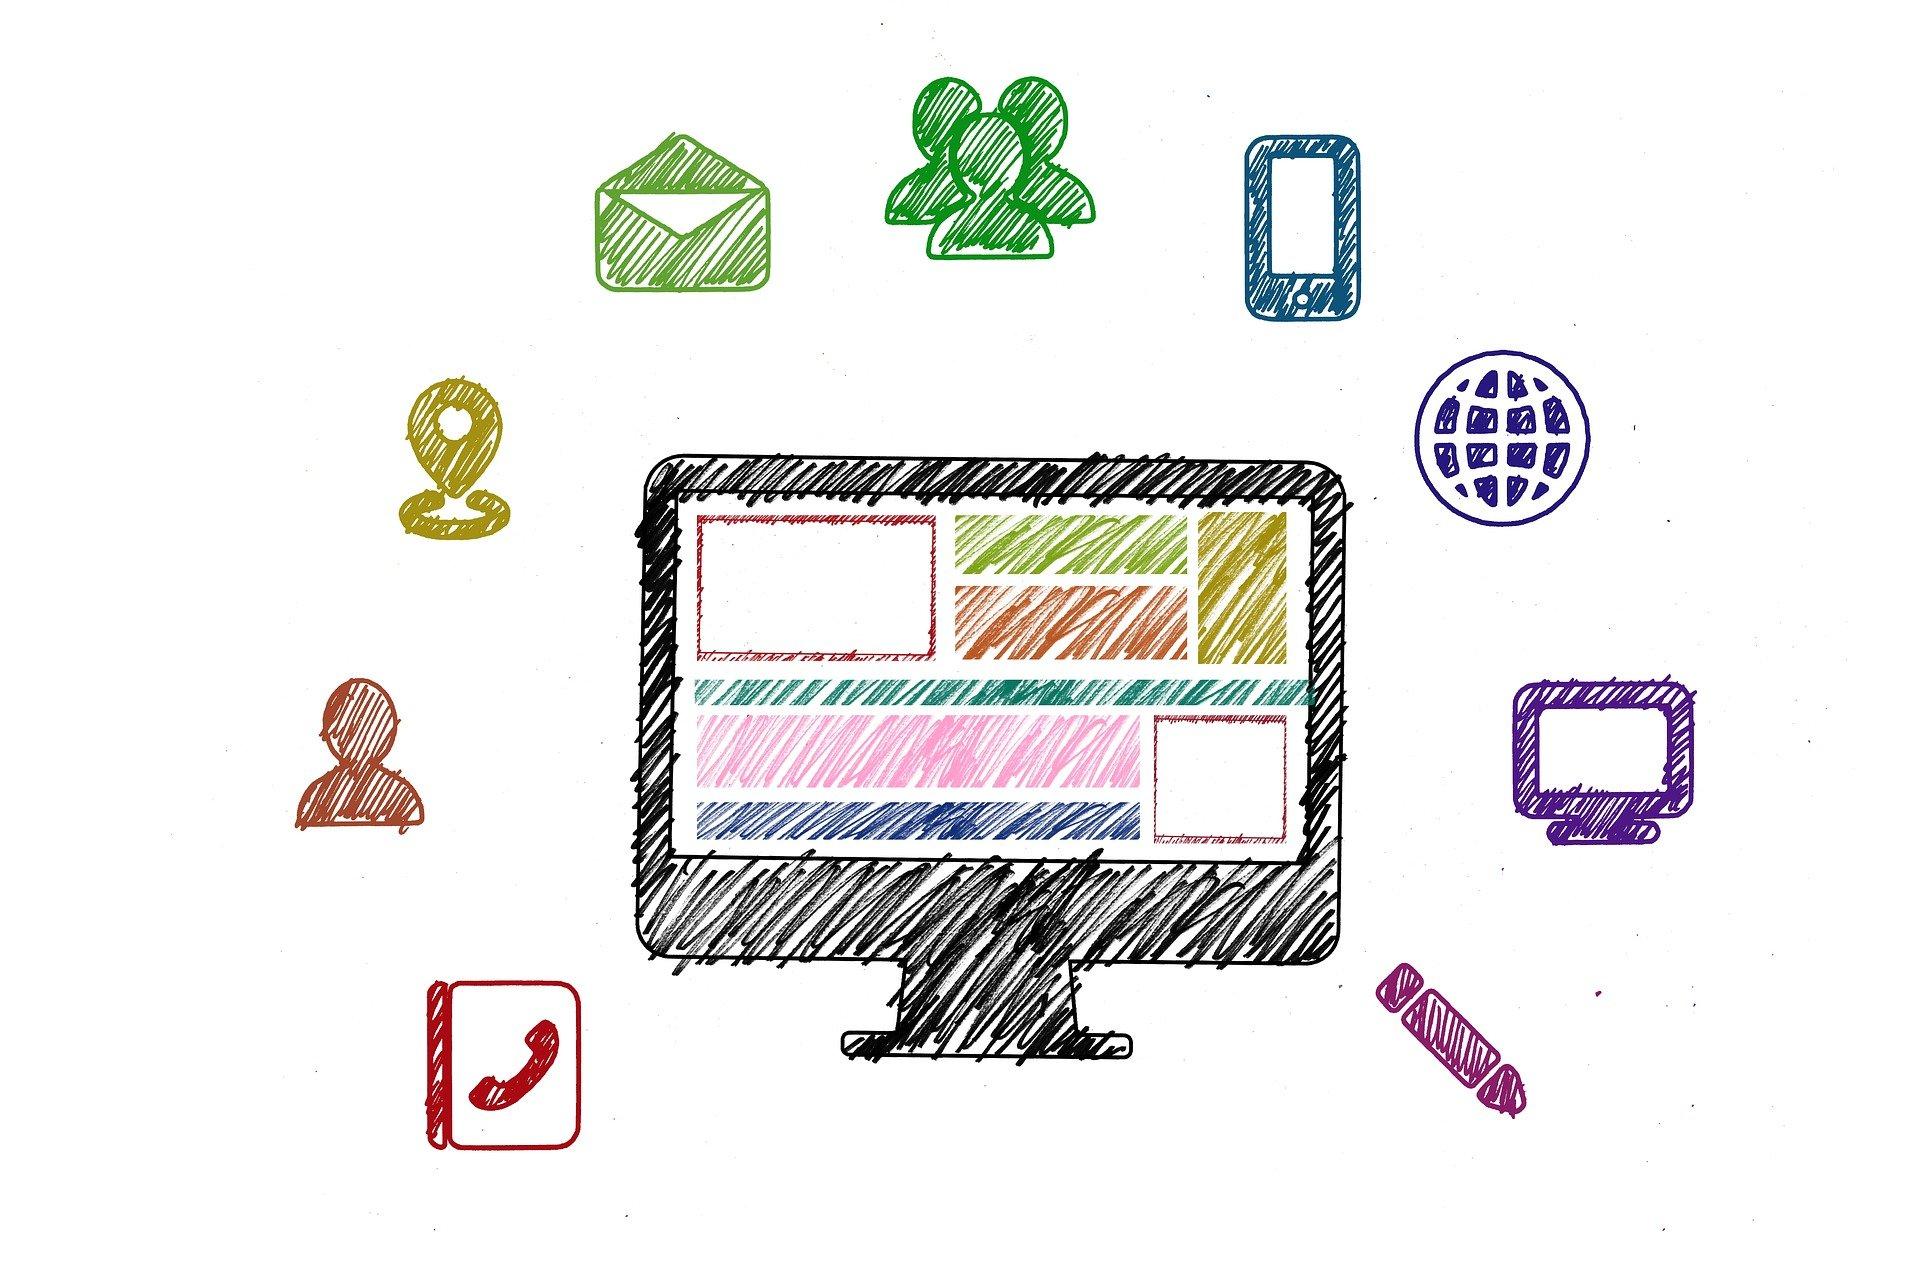 Vernetzung sozialer Medien